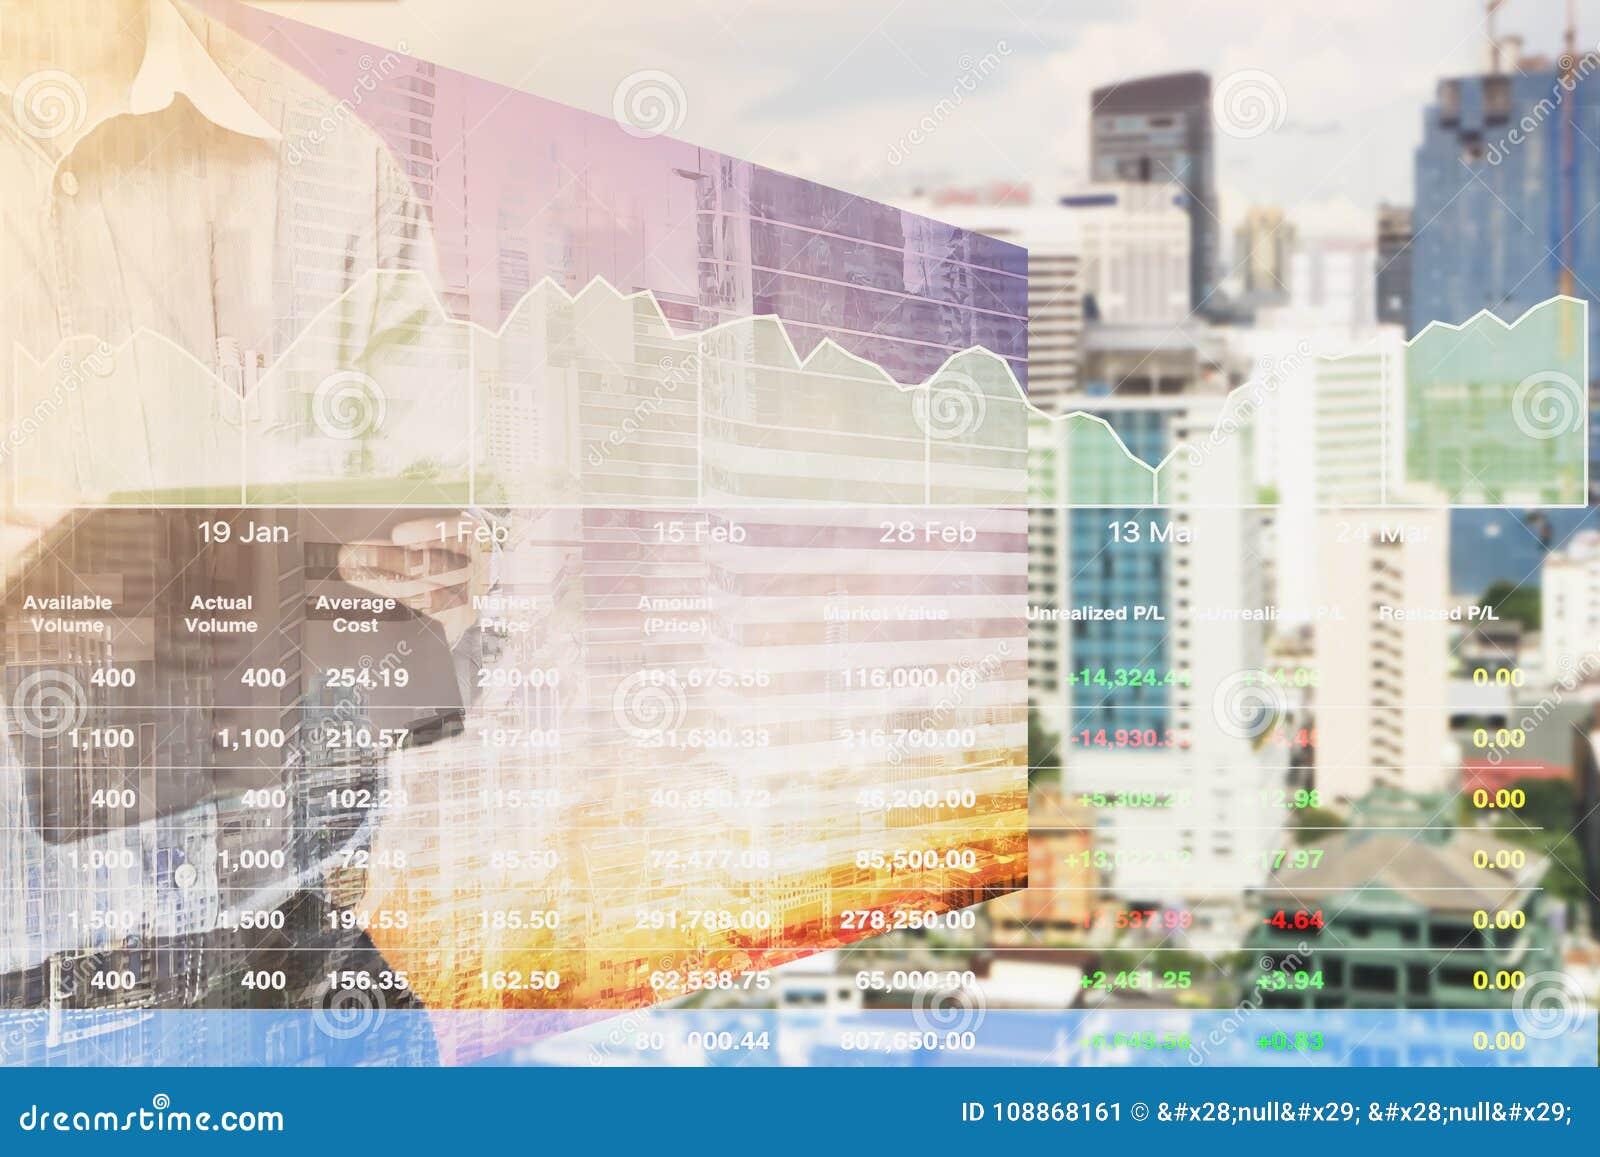 Información del índice del mercado de acción de la perspectiva del negocio de las propiedades inmobiliarias